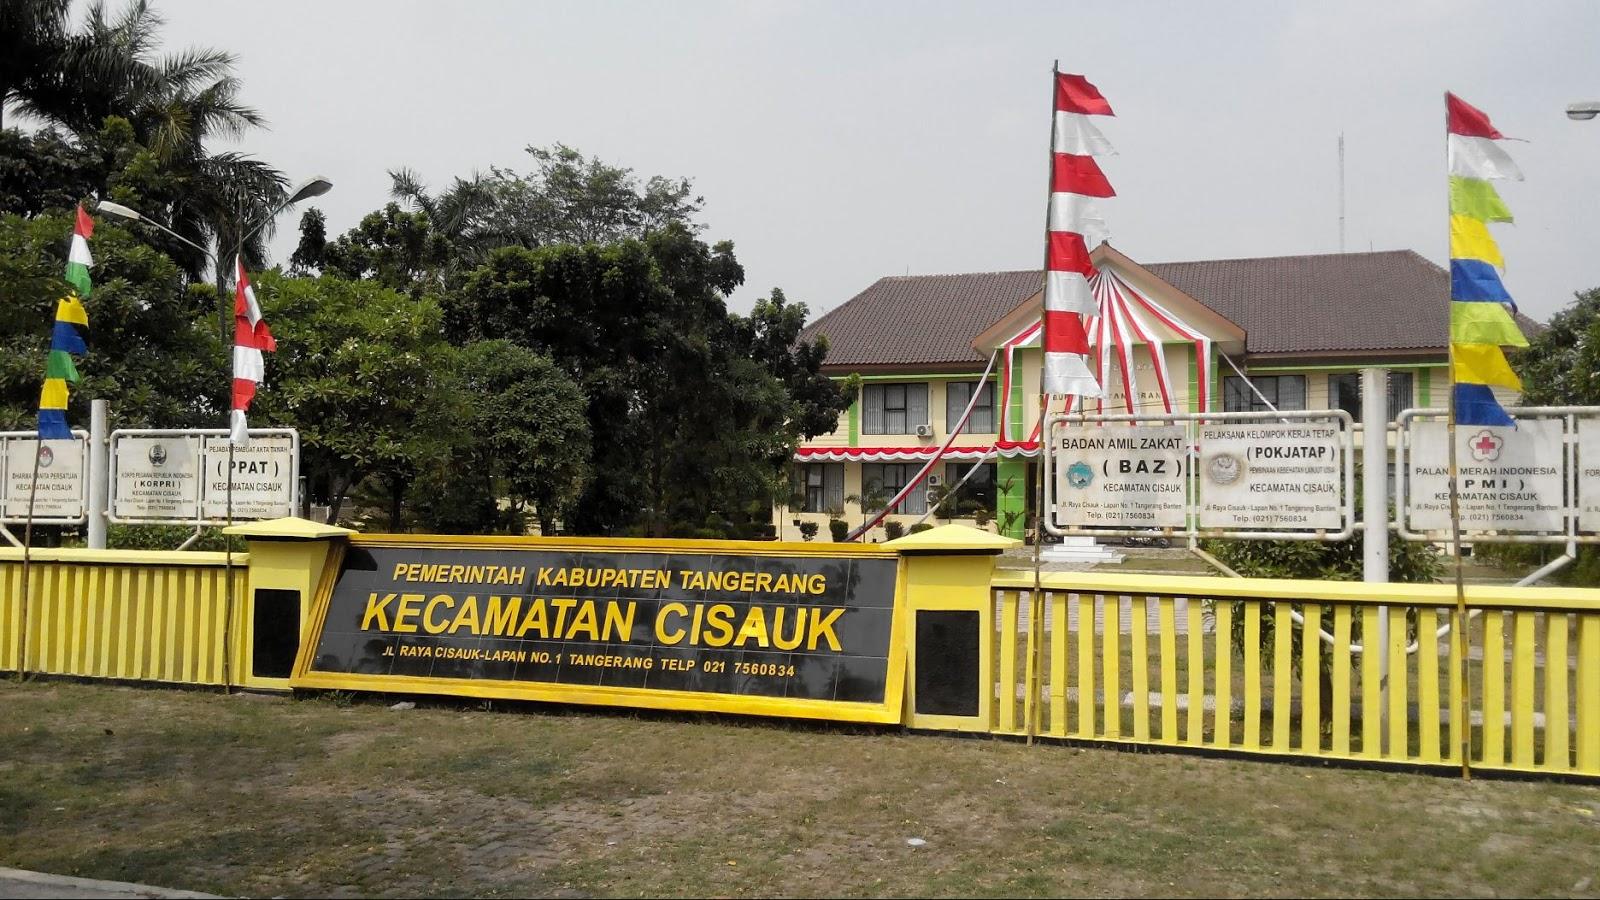 kantor kecamatan cisauk